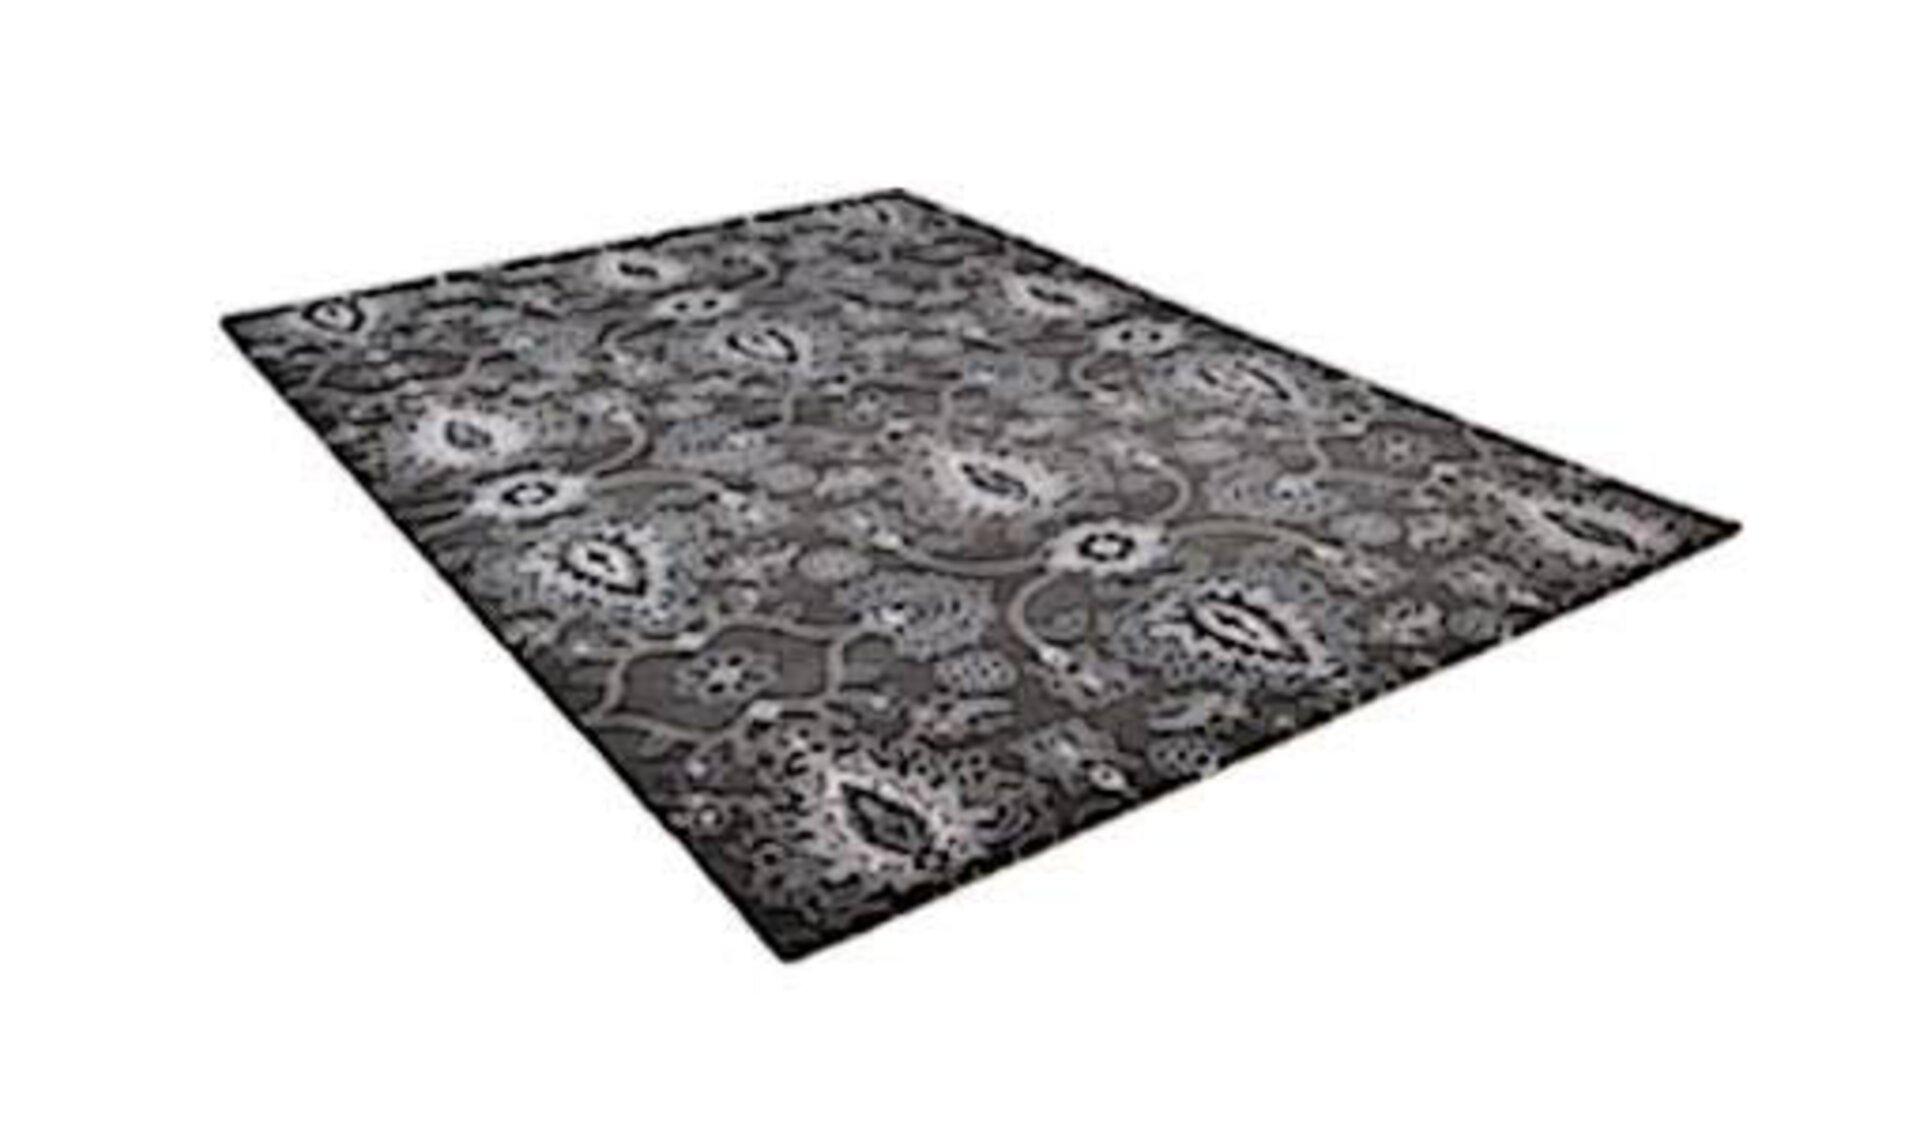 Icon für Maschinenwebteppich zeigt einen gewebten Teppich mit aufwendigem Muster.